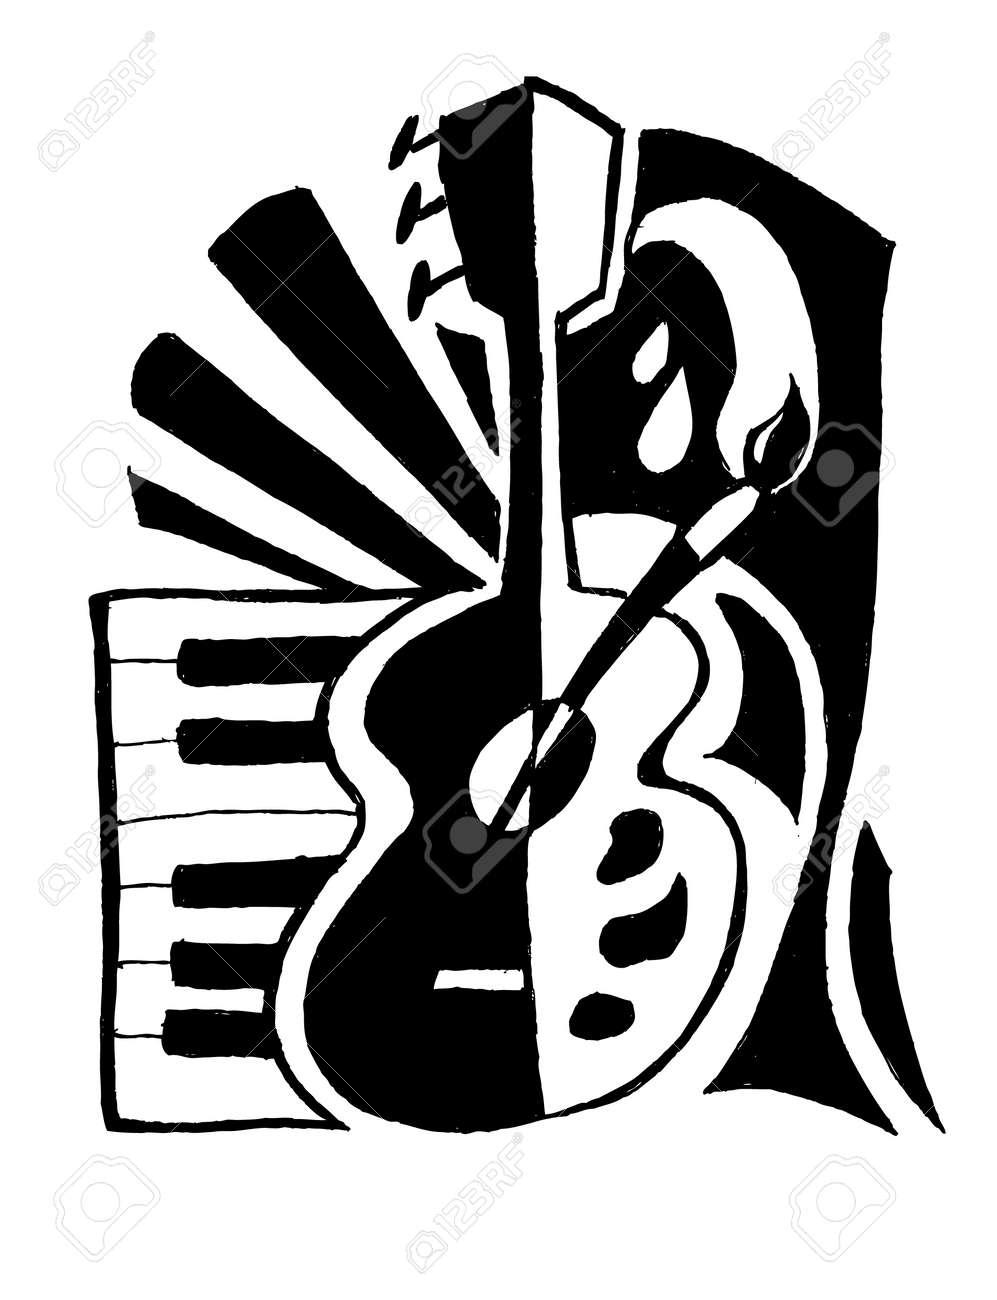 Musique Et L'art Clip Art Libres De Droits , Vecteurs Et ...